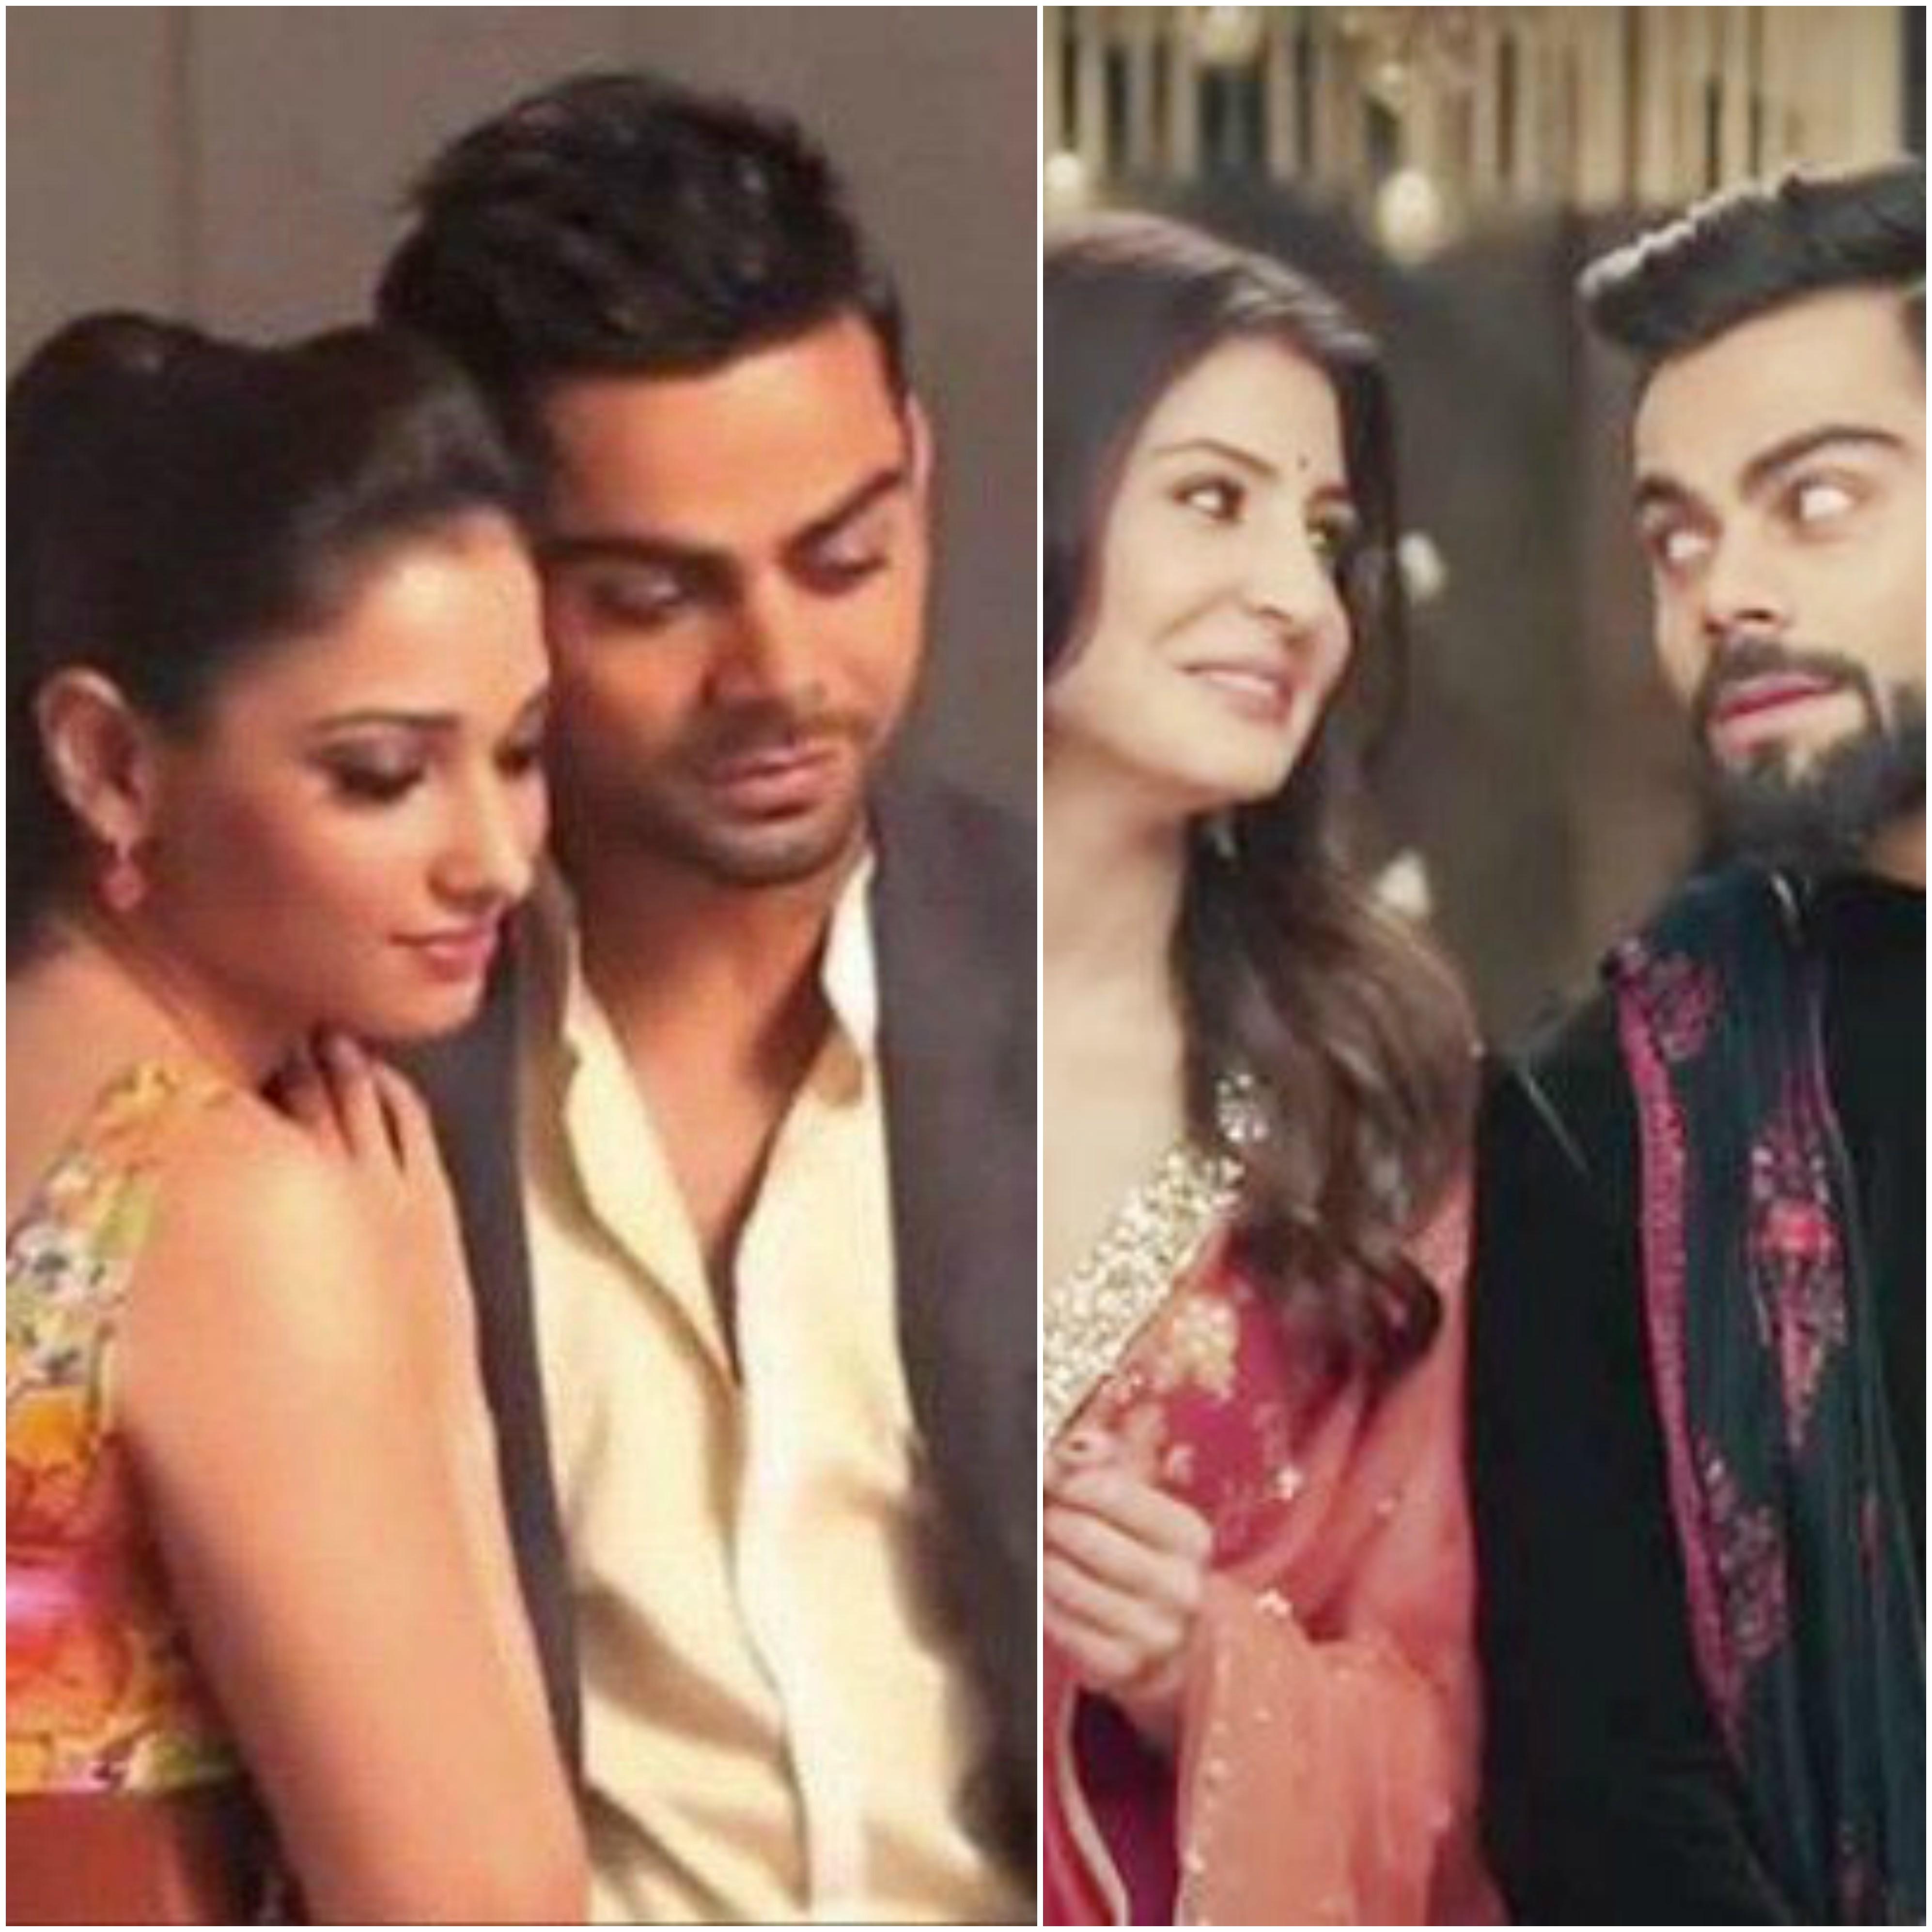 शादी के पहले था इस बॉलीवुड अभिनेत्री के साथ कोहली का विराट कनेक्शन, अब शादी के बाद भी हो रही है दोनों की चर्चा, नाम जान अनुष्का हो सकती है दुखी